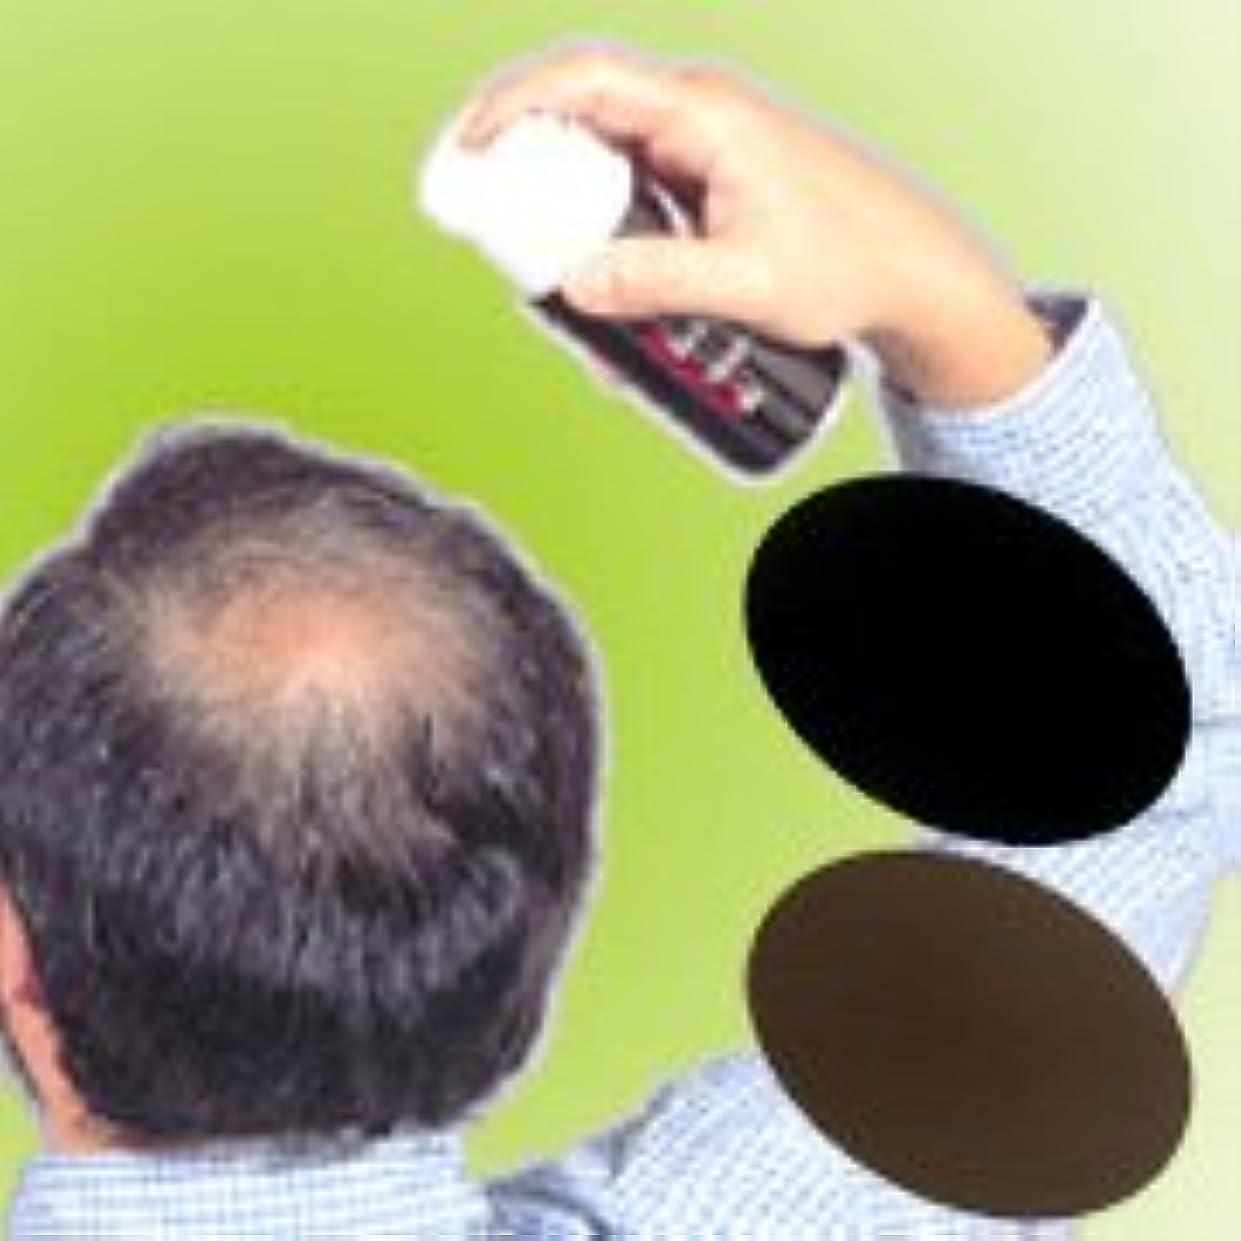 豊かにする証書呼吸する薄毛?白髪をワンタッチで隠します!男女兼用タイプの増毛スプレー!!【トミーリッチ ブラックヘアー】 (こちらの商品の内訳は『ブラック<数量36単位>』のみ)